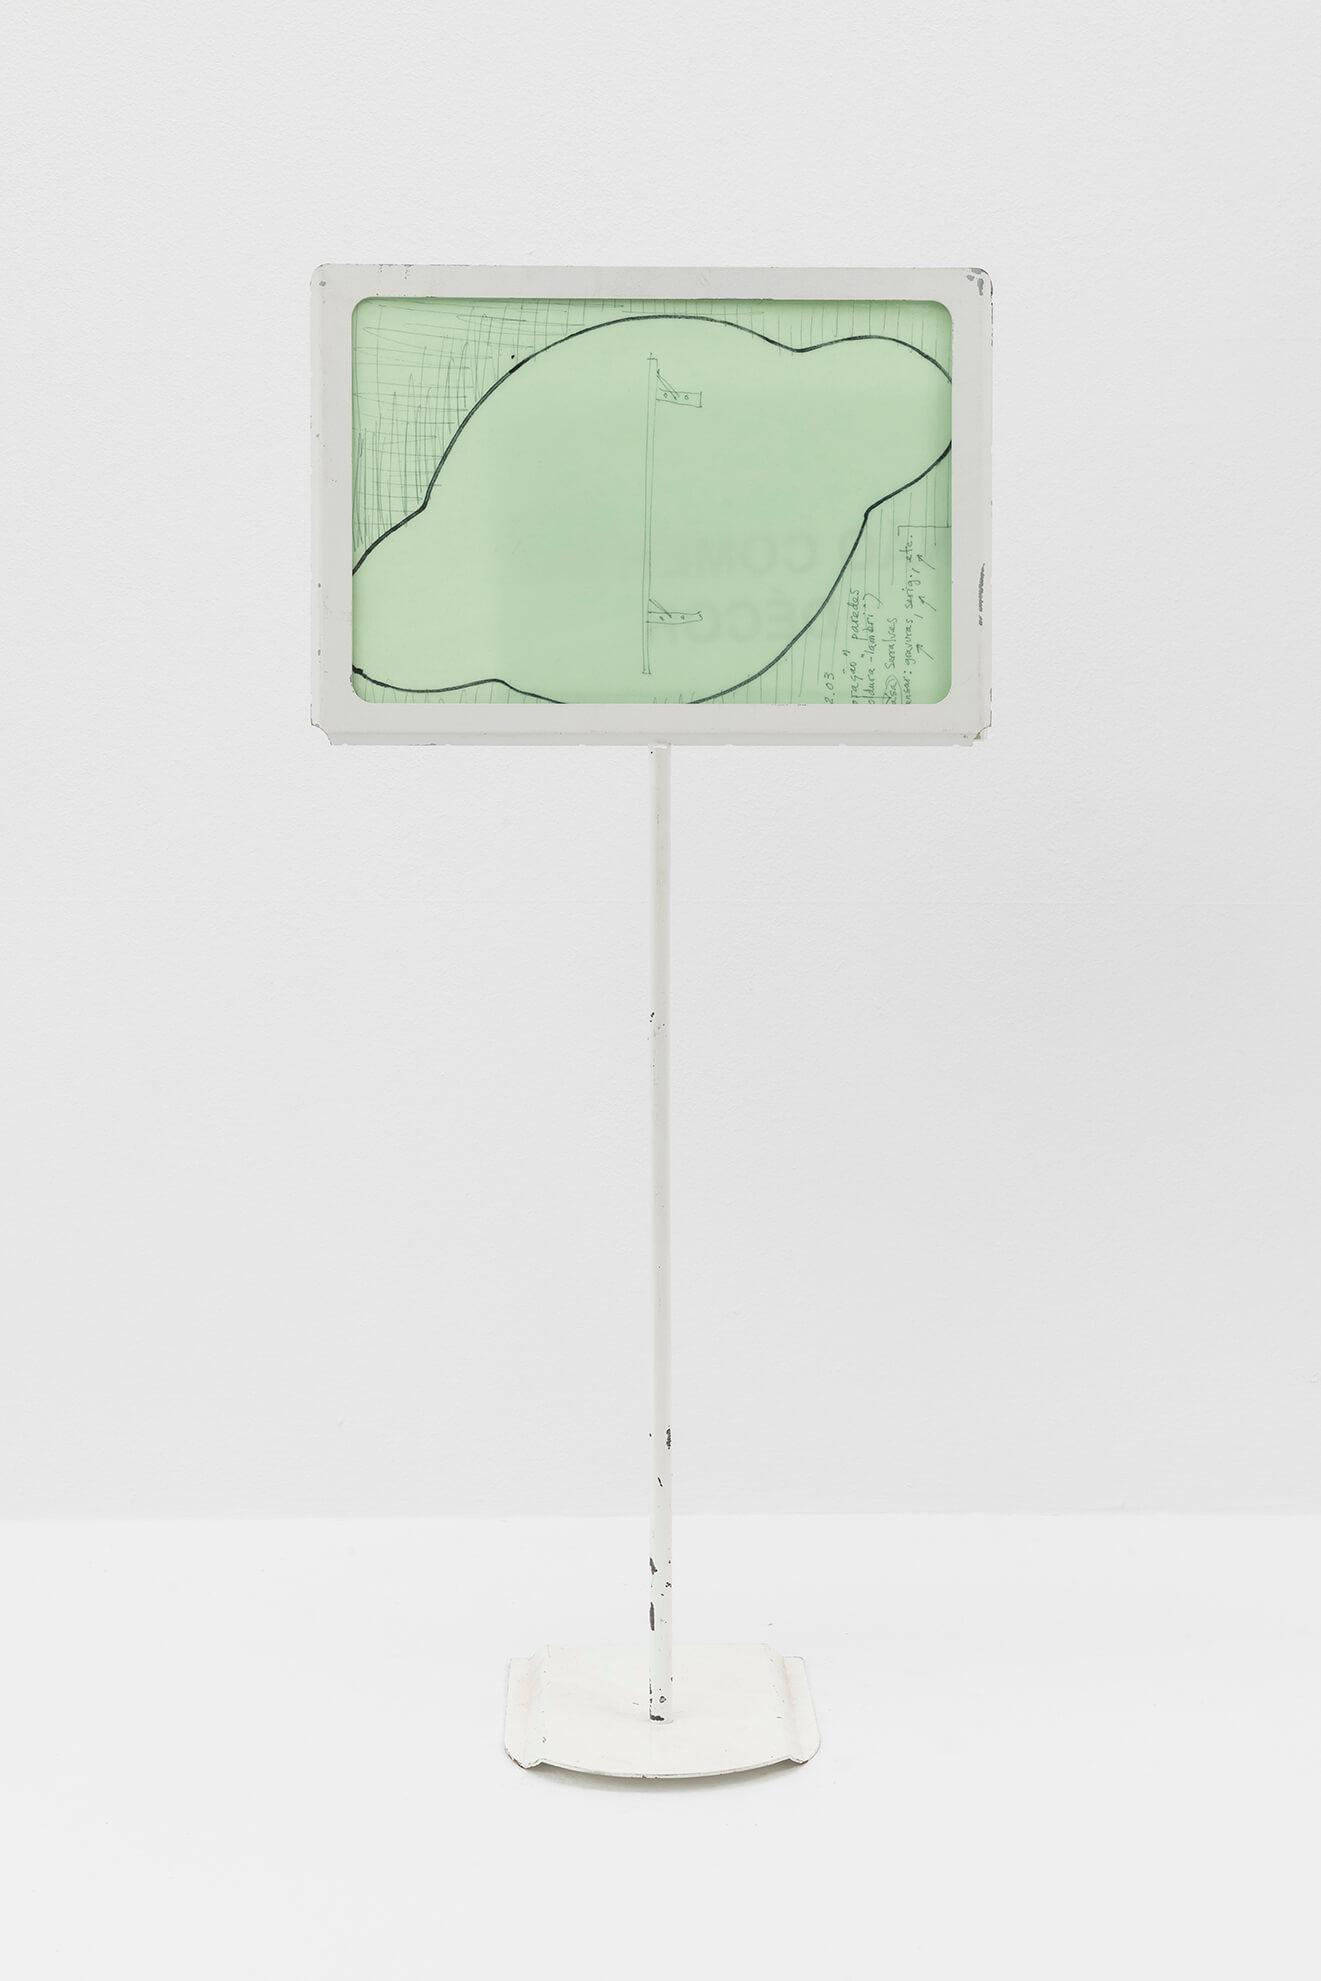 Plastificados #6, 2018 | Untitled | ProjecteSD